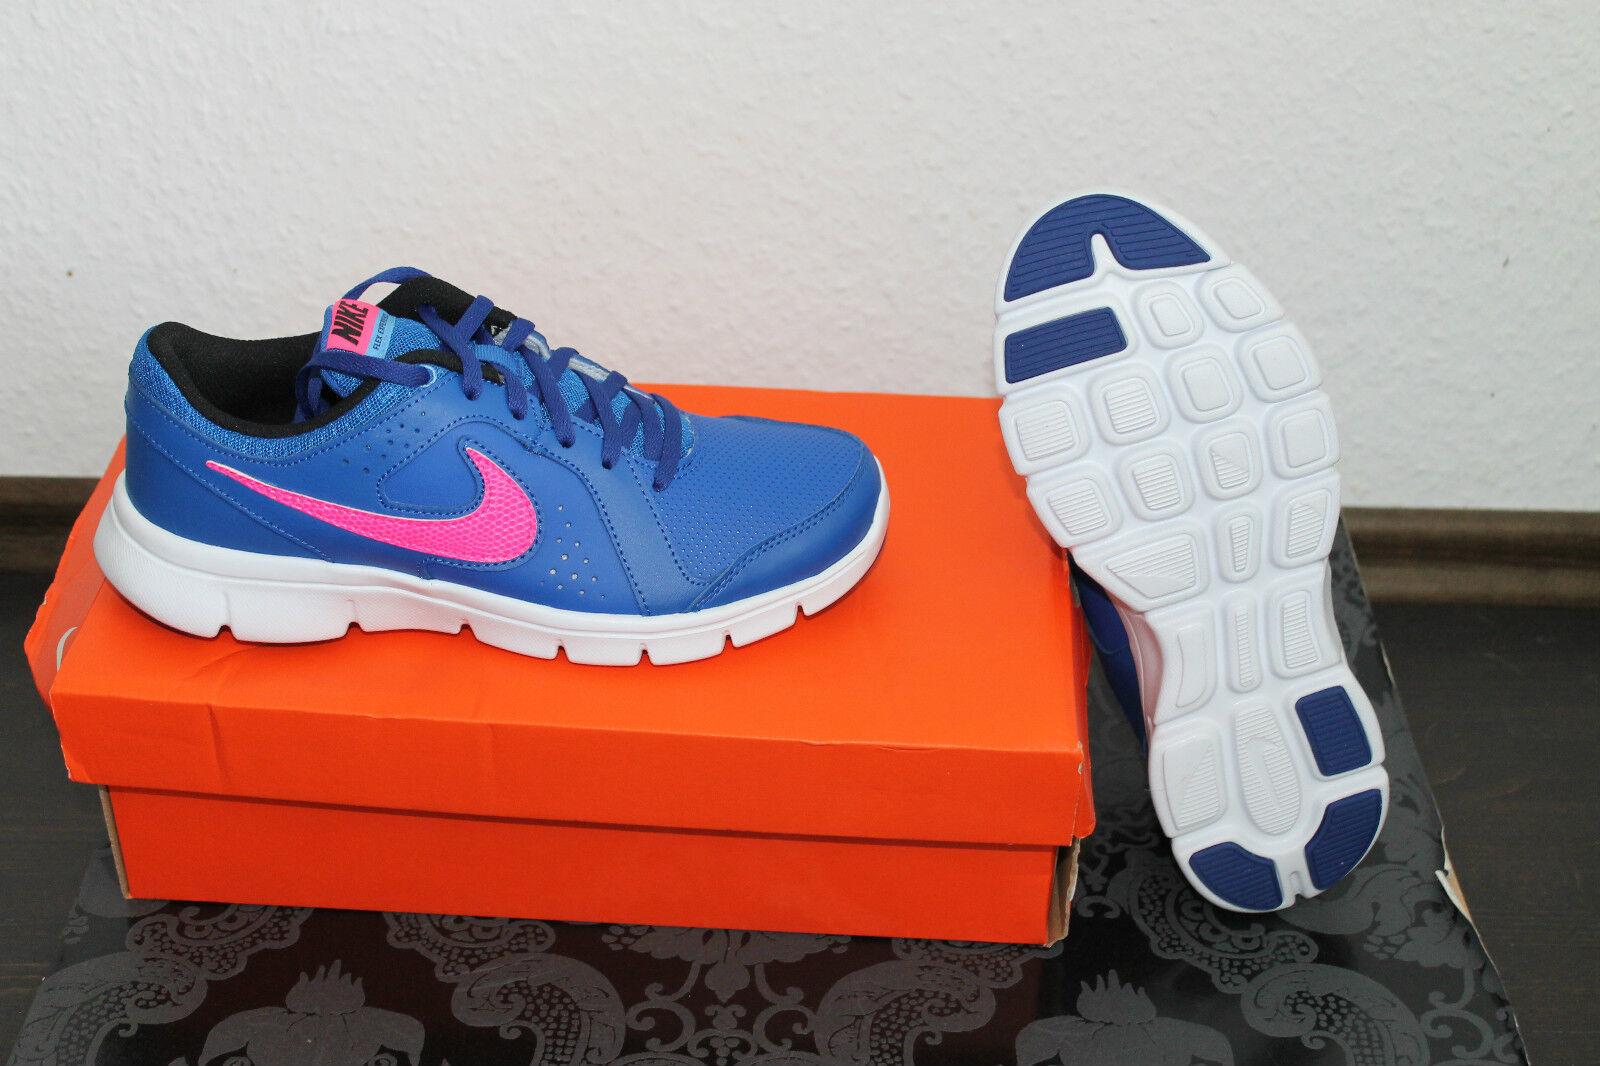 Nike Flex señora running zapato azul rosadodo rosadodo rosadodo tamaño 38 o 38,5 nuevo con caja de cartón  centro comercial de moda